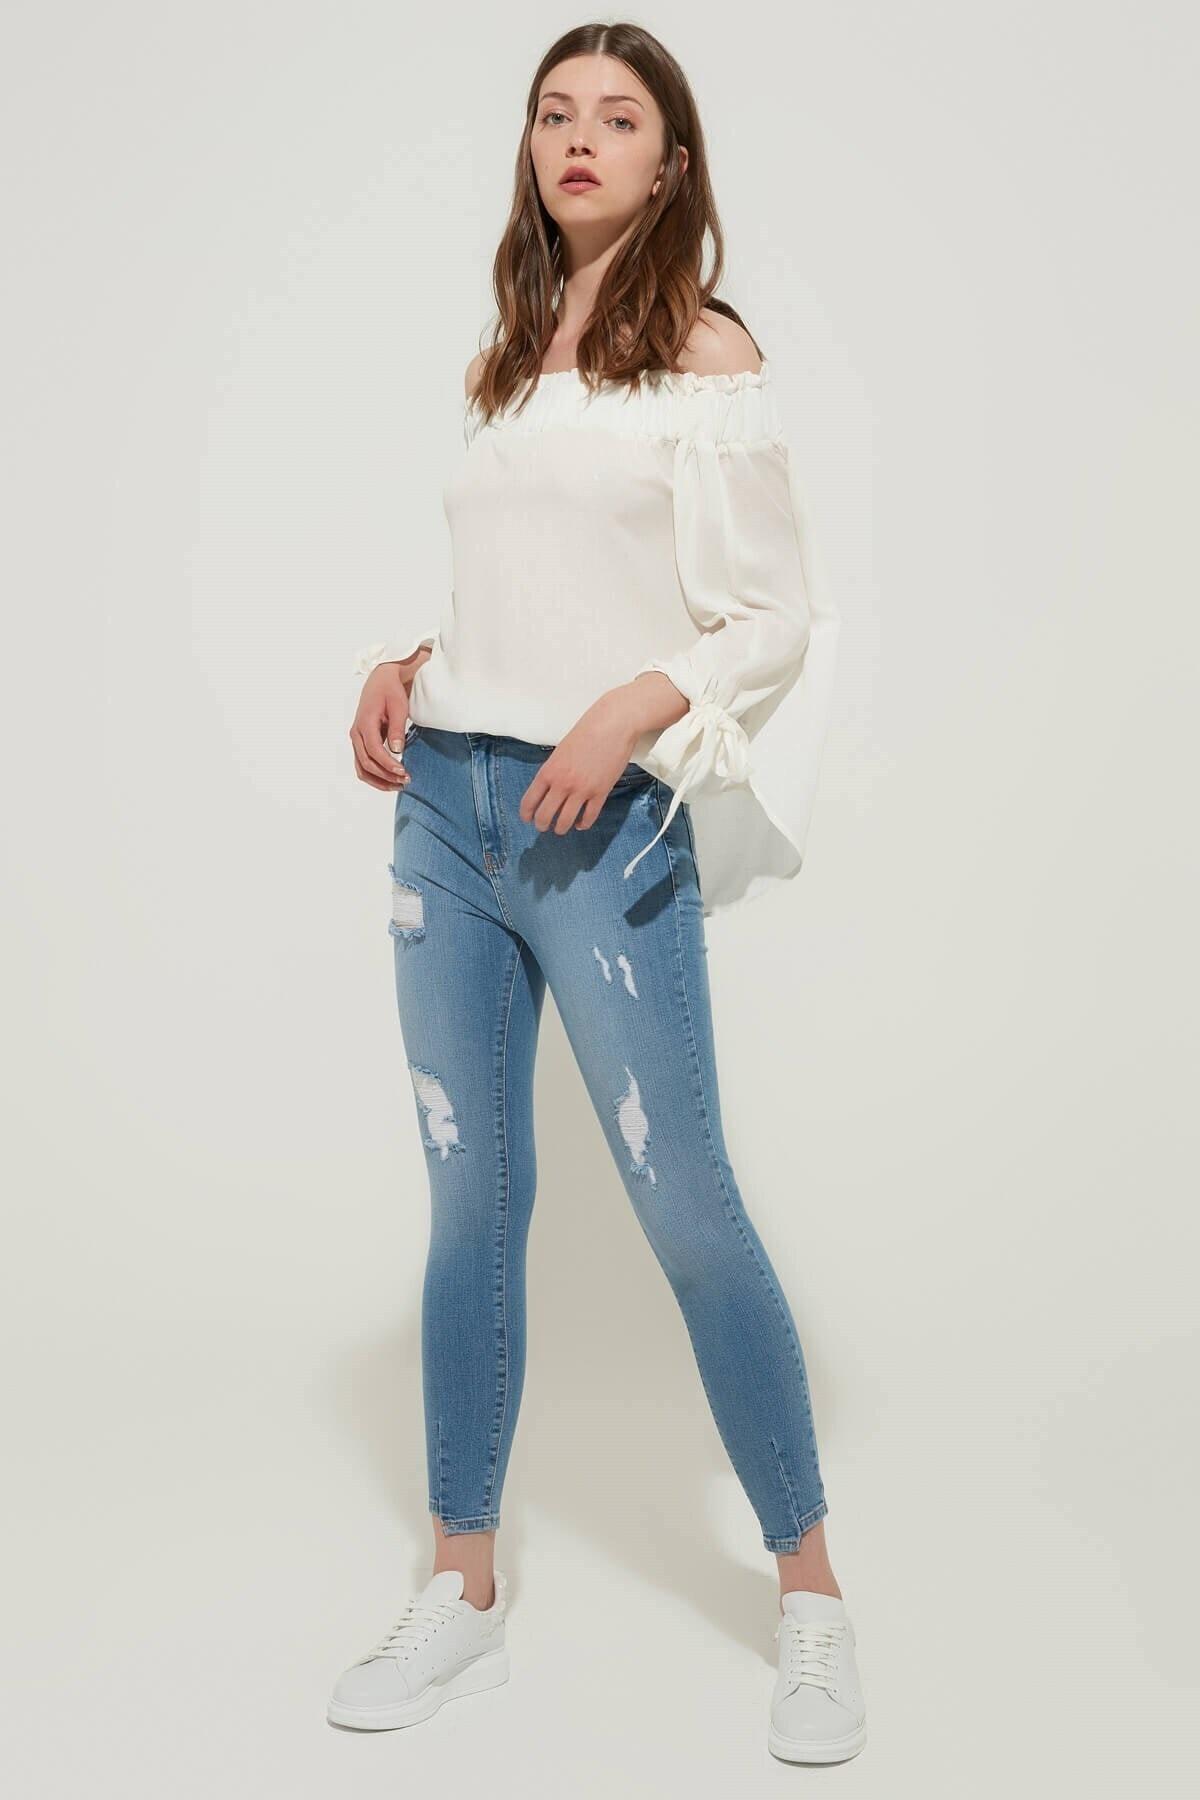 ZİNDİ Kadın Yüksek Bel Skinny Jean Buz Mavi 1